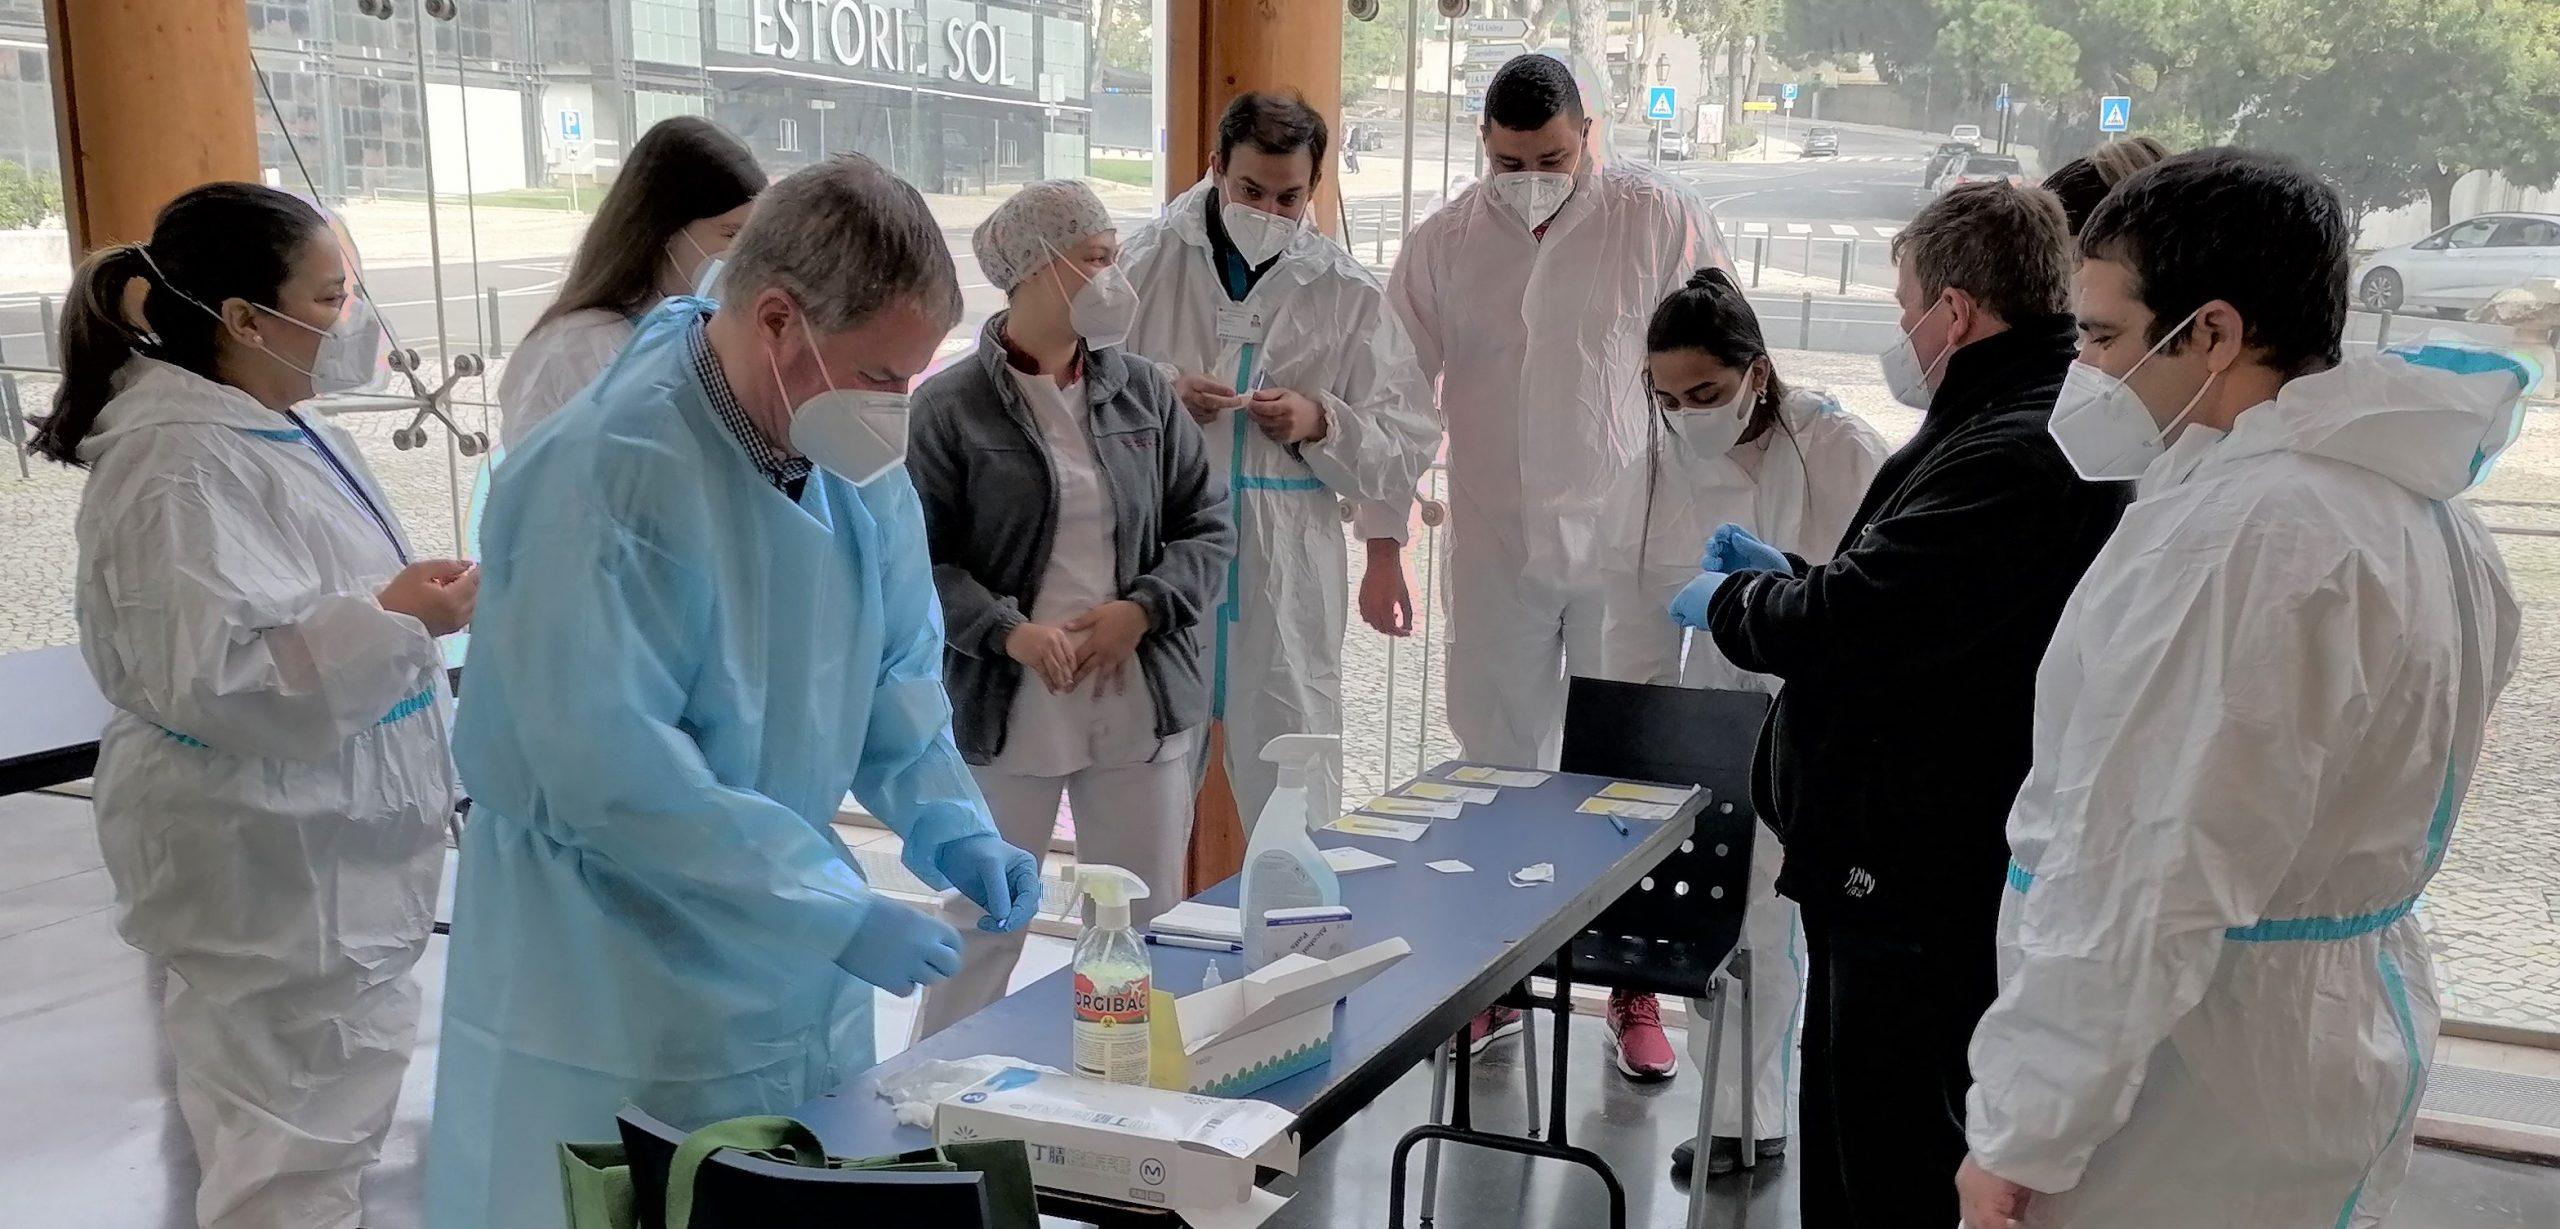 Medicii portughezi susțin administrarea ivermectinei imediat după apariția primelor simptome de Covid